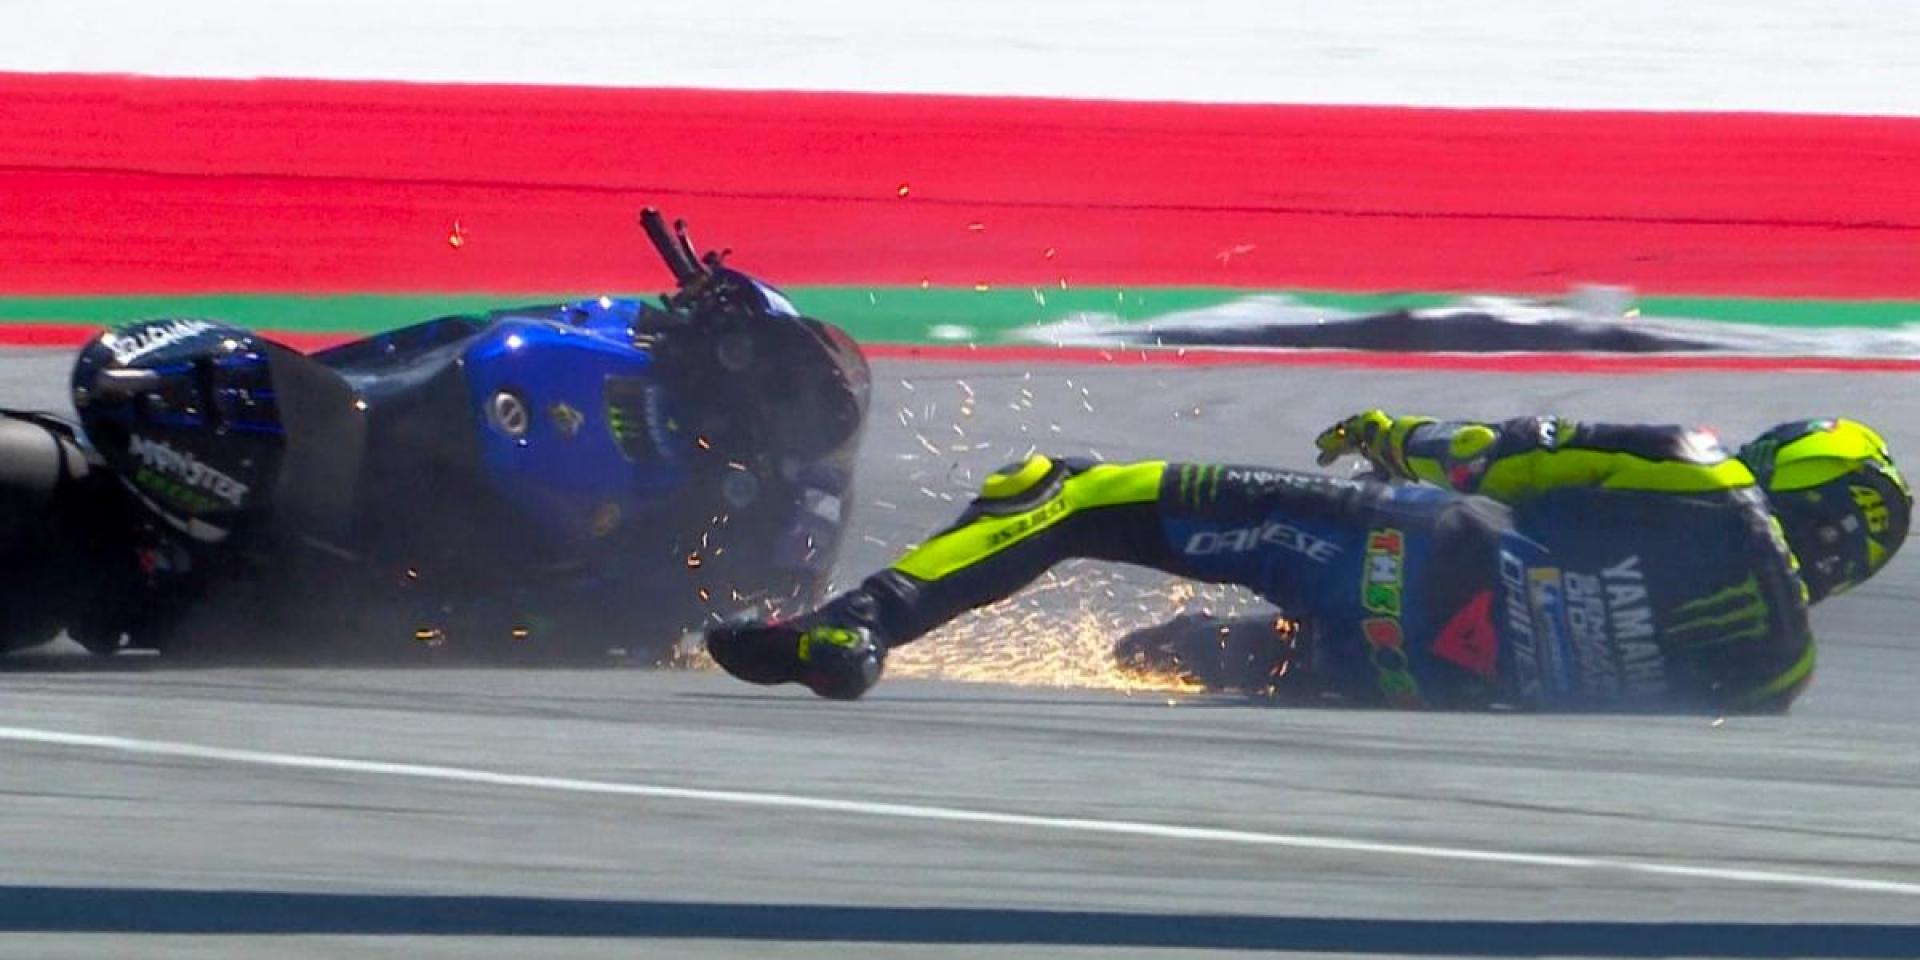 騎著M1來,坐著勁戰走。Valentino Rossi:如果沒有摔車,也許我有機會拿下勝利!